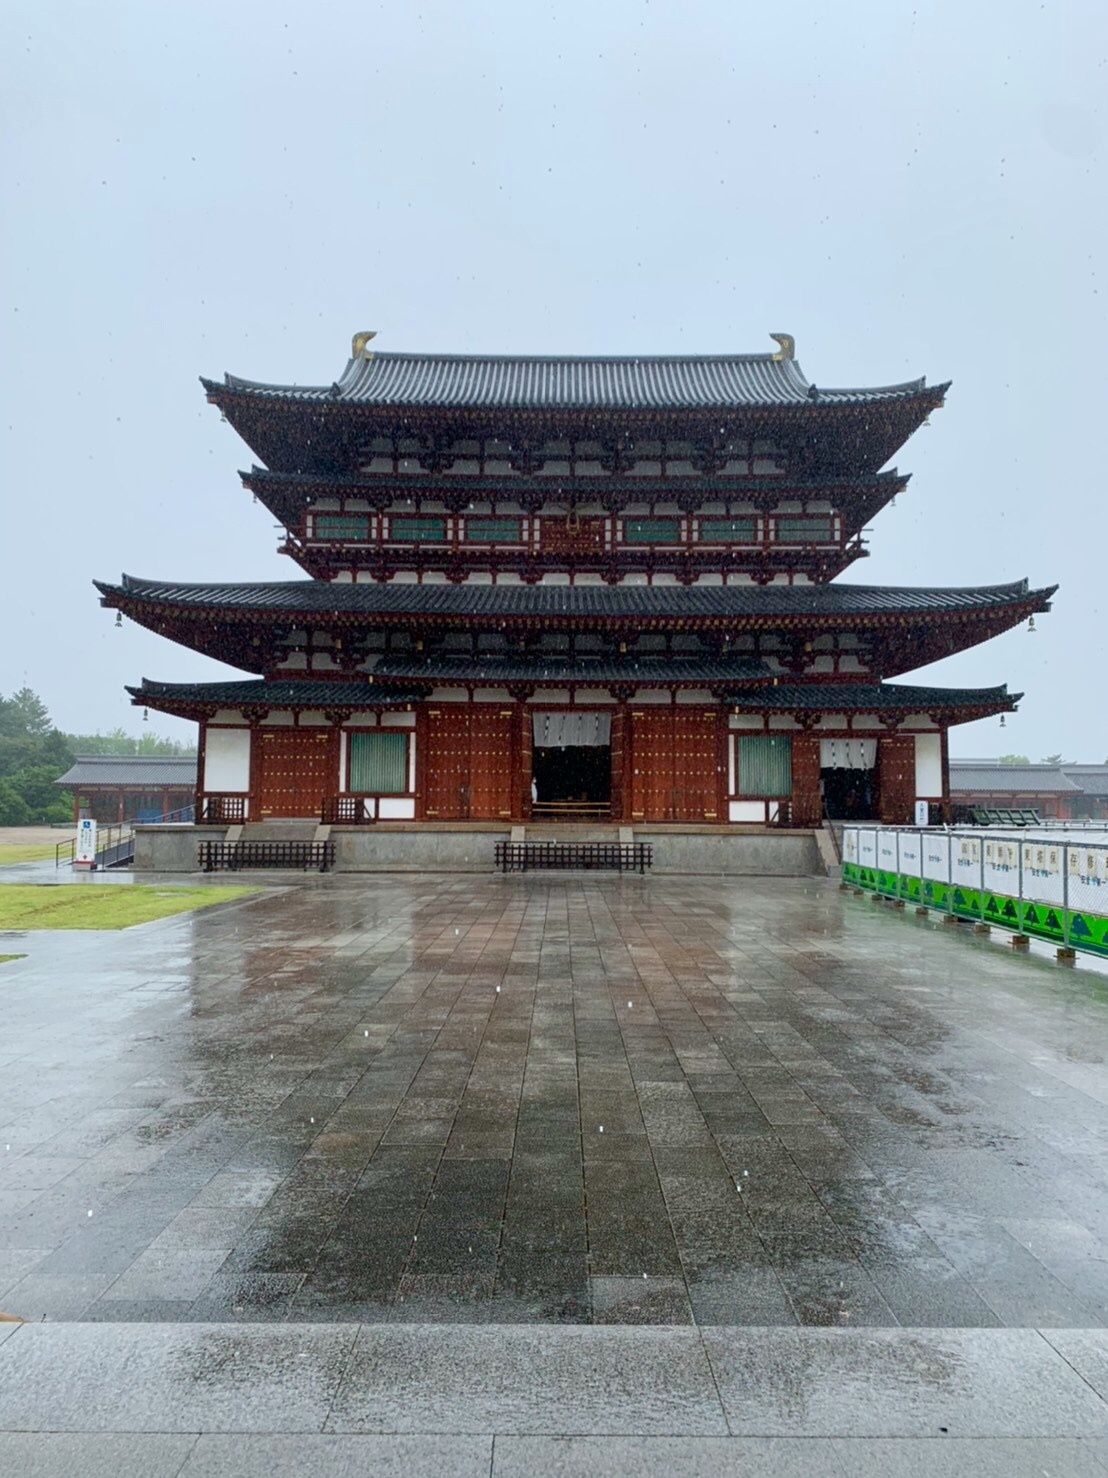 法隆寺と薬師寺と柿の葉寿司_a0258686_08224691.jpeg